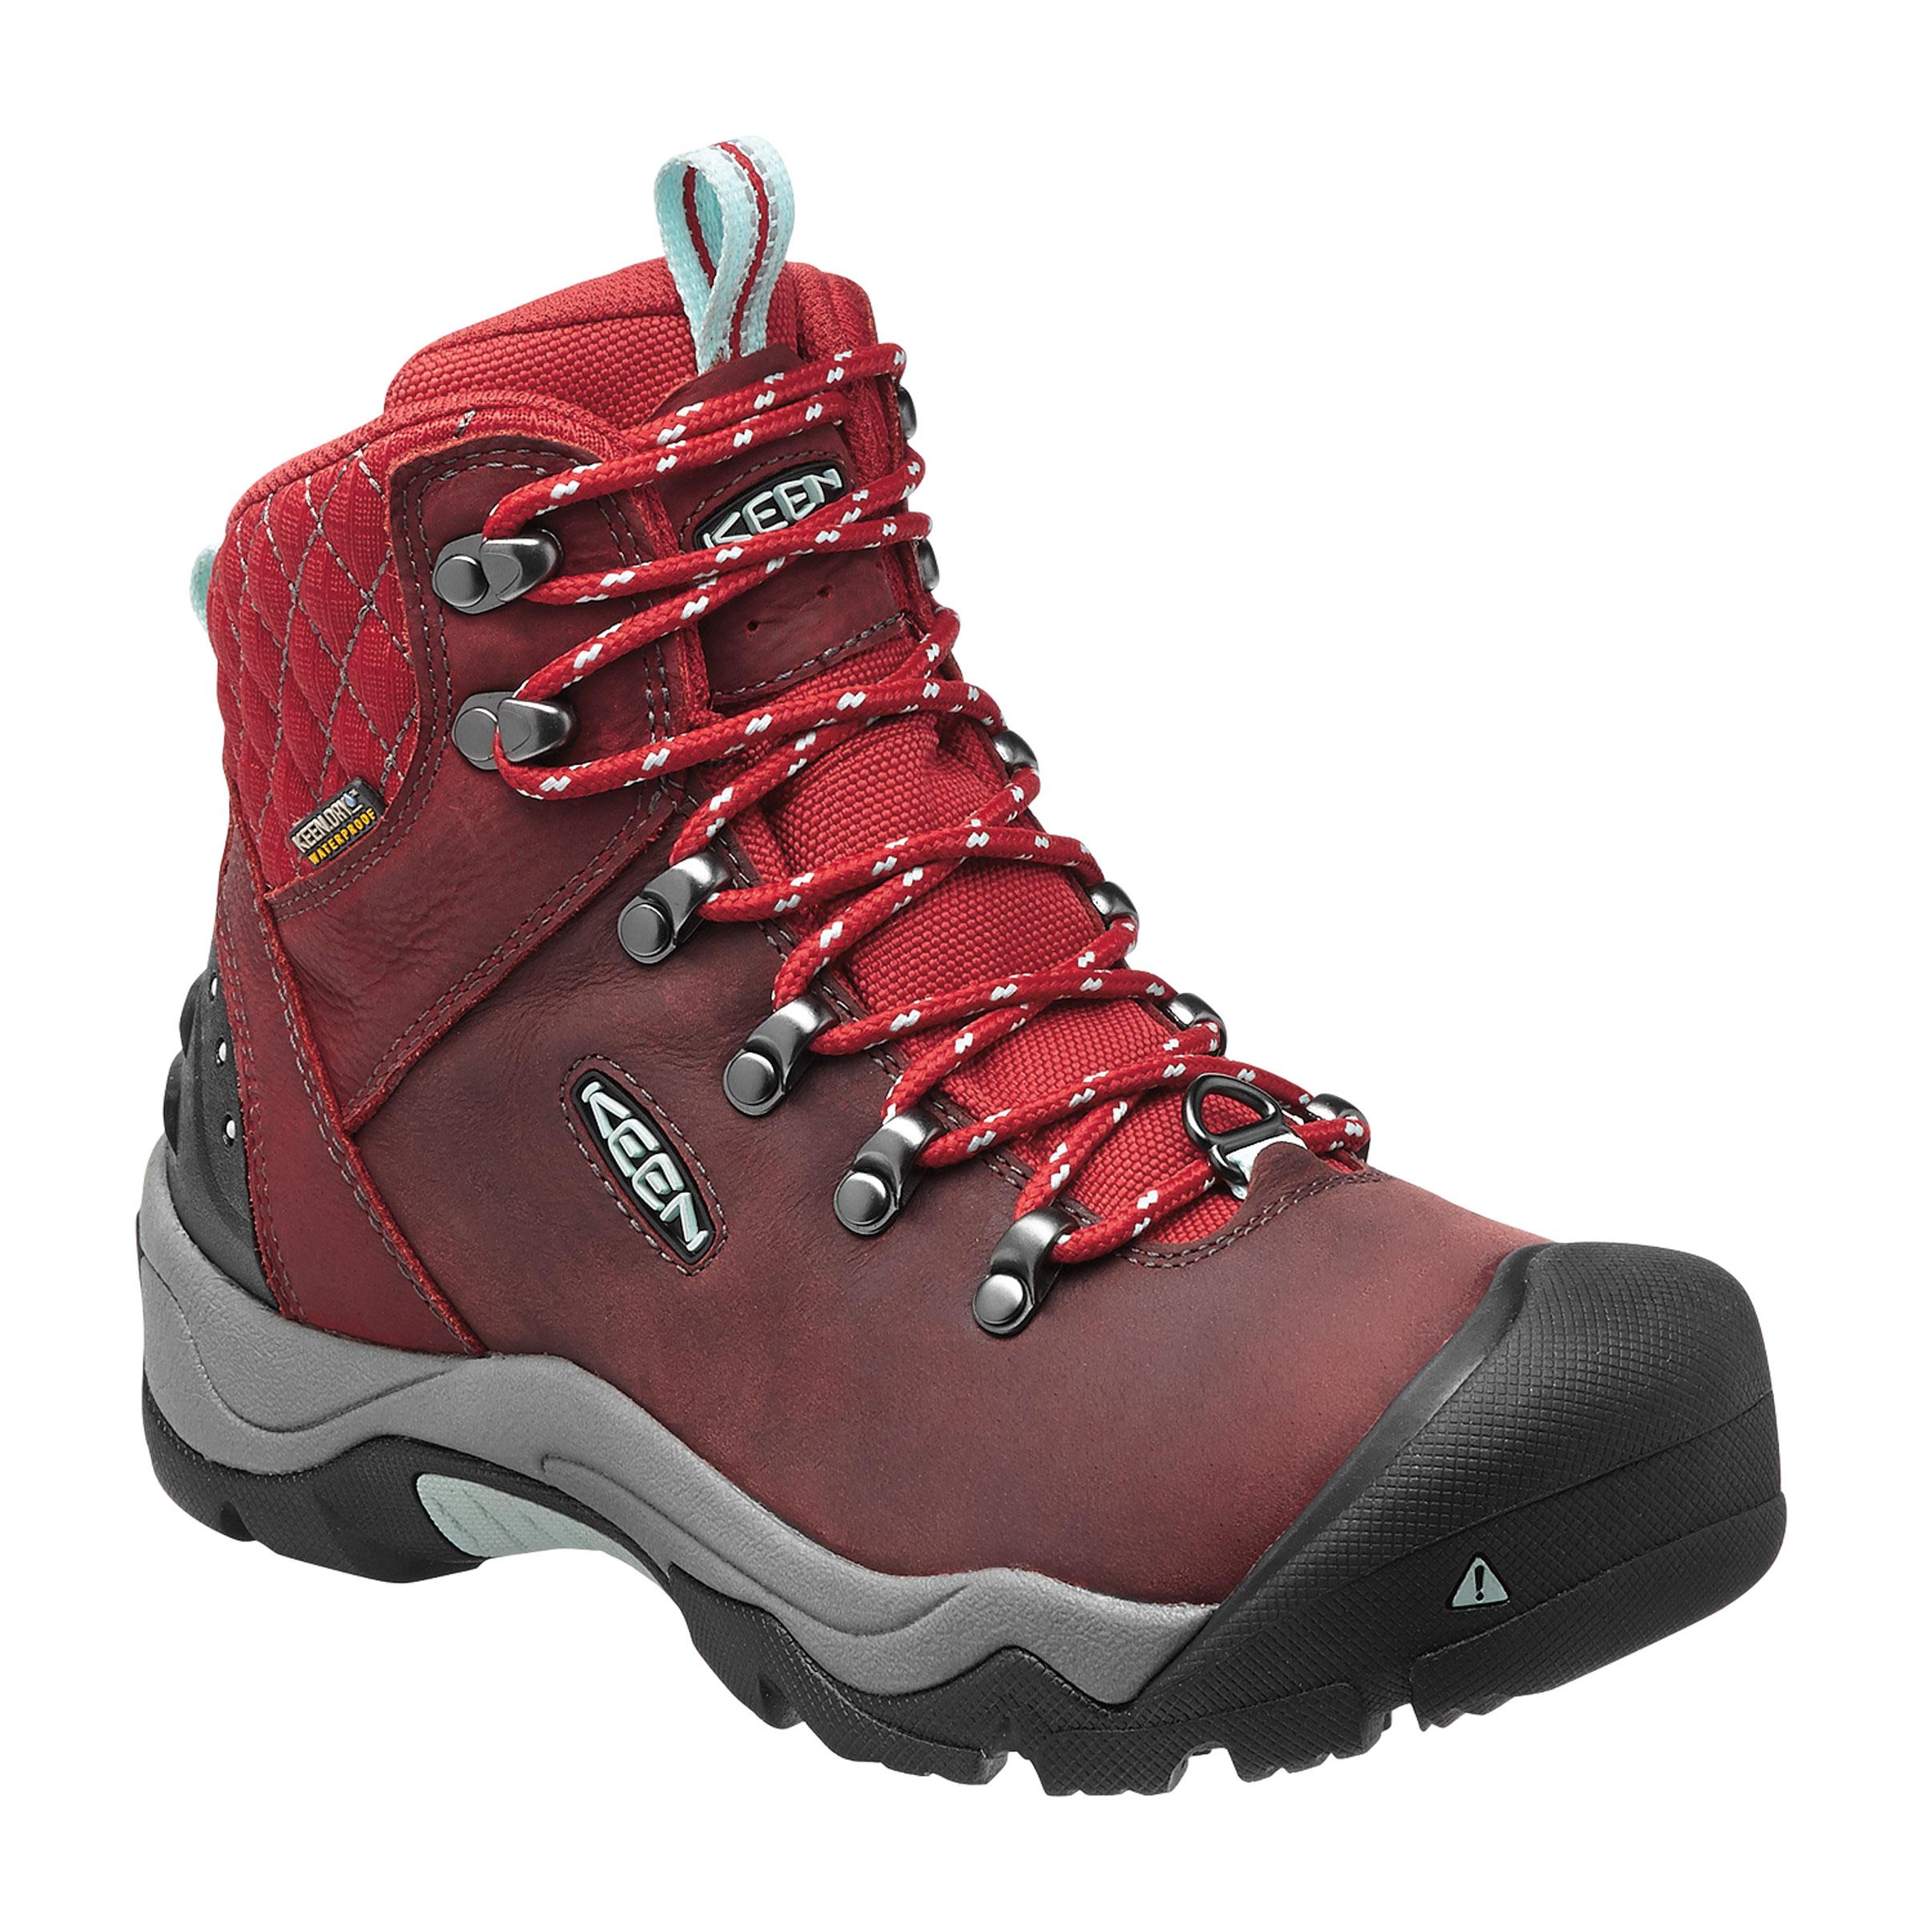 laciný pánské boty Mammut Tatlow GTX Graphite hnědý šedá aMuohkus 1d02573c1c